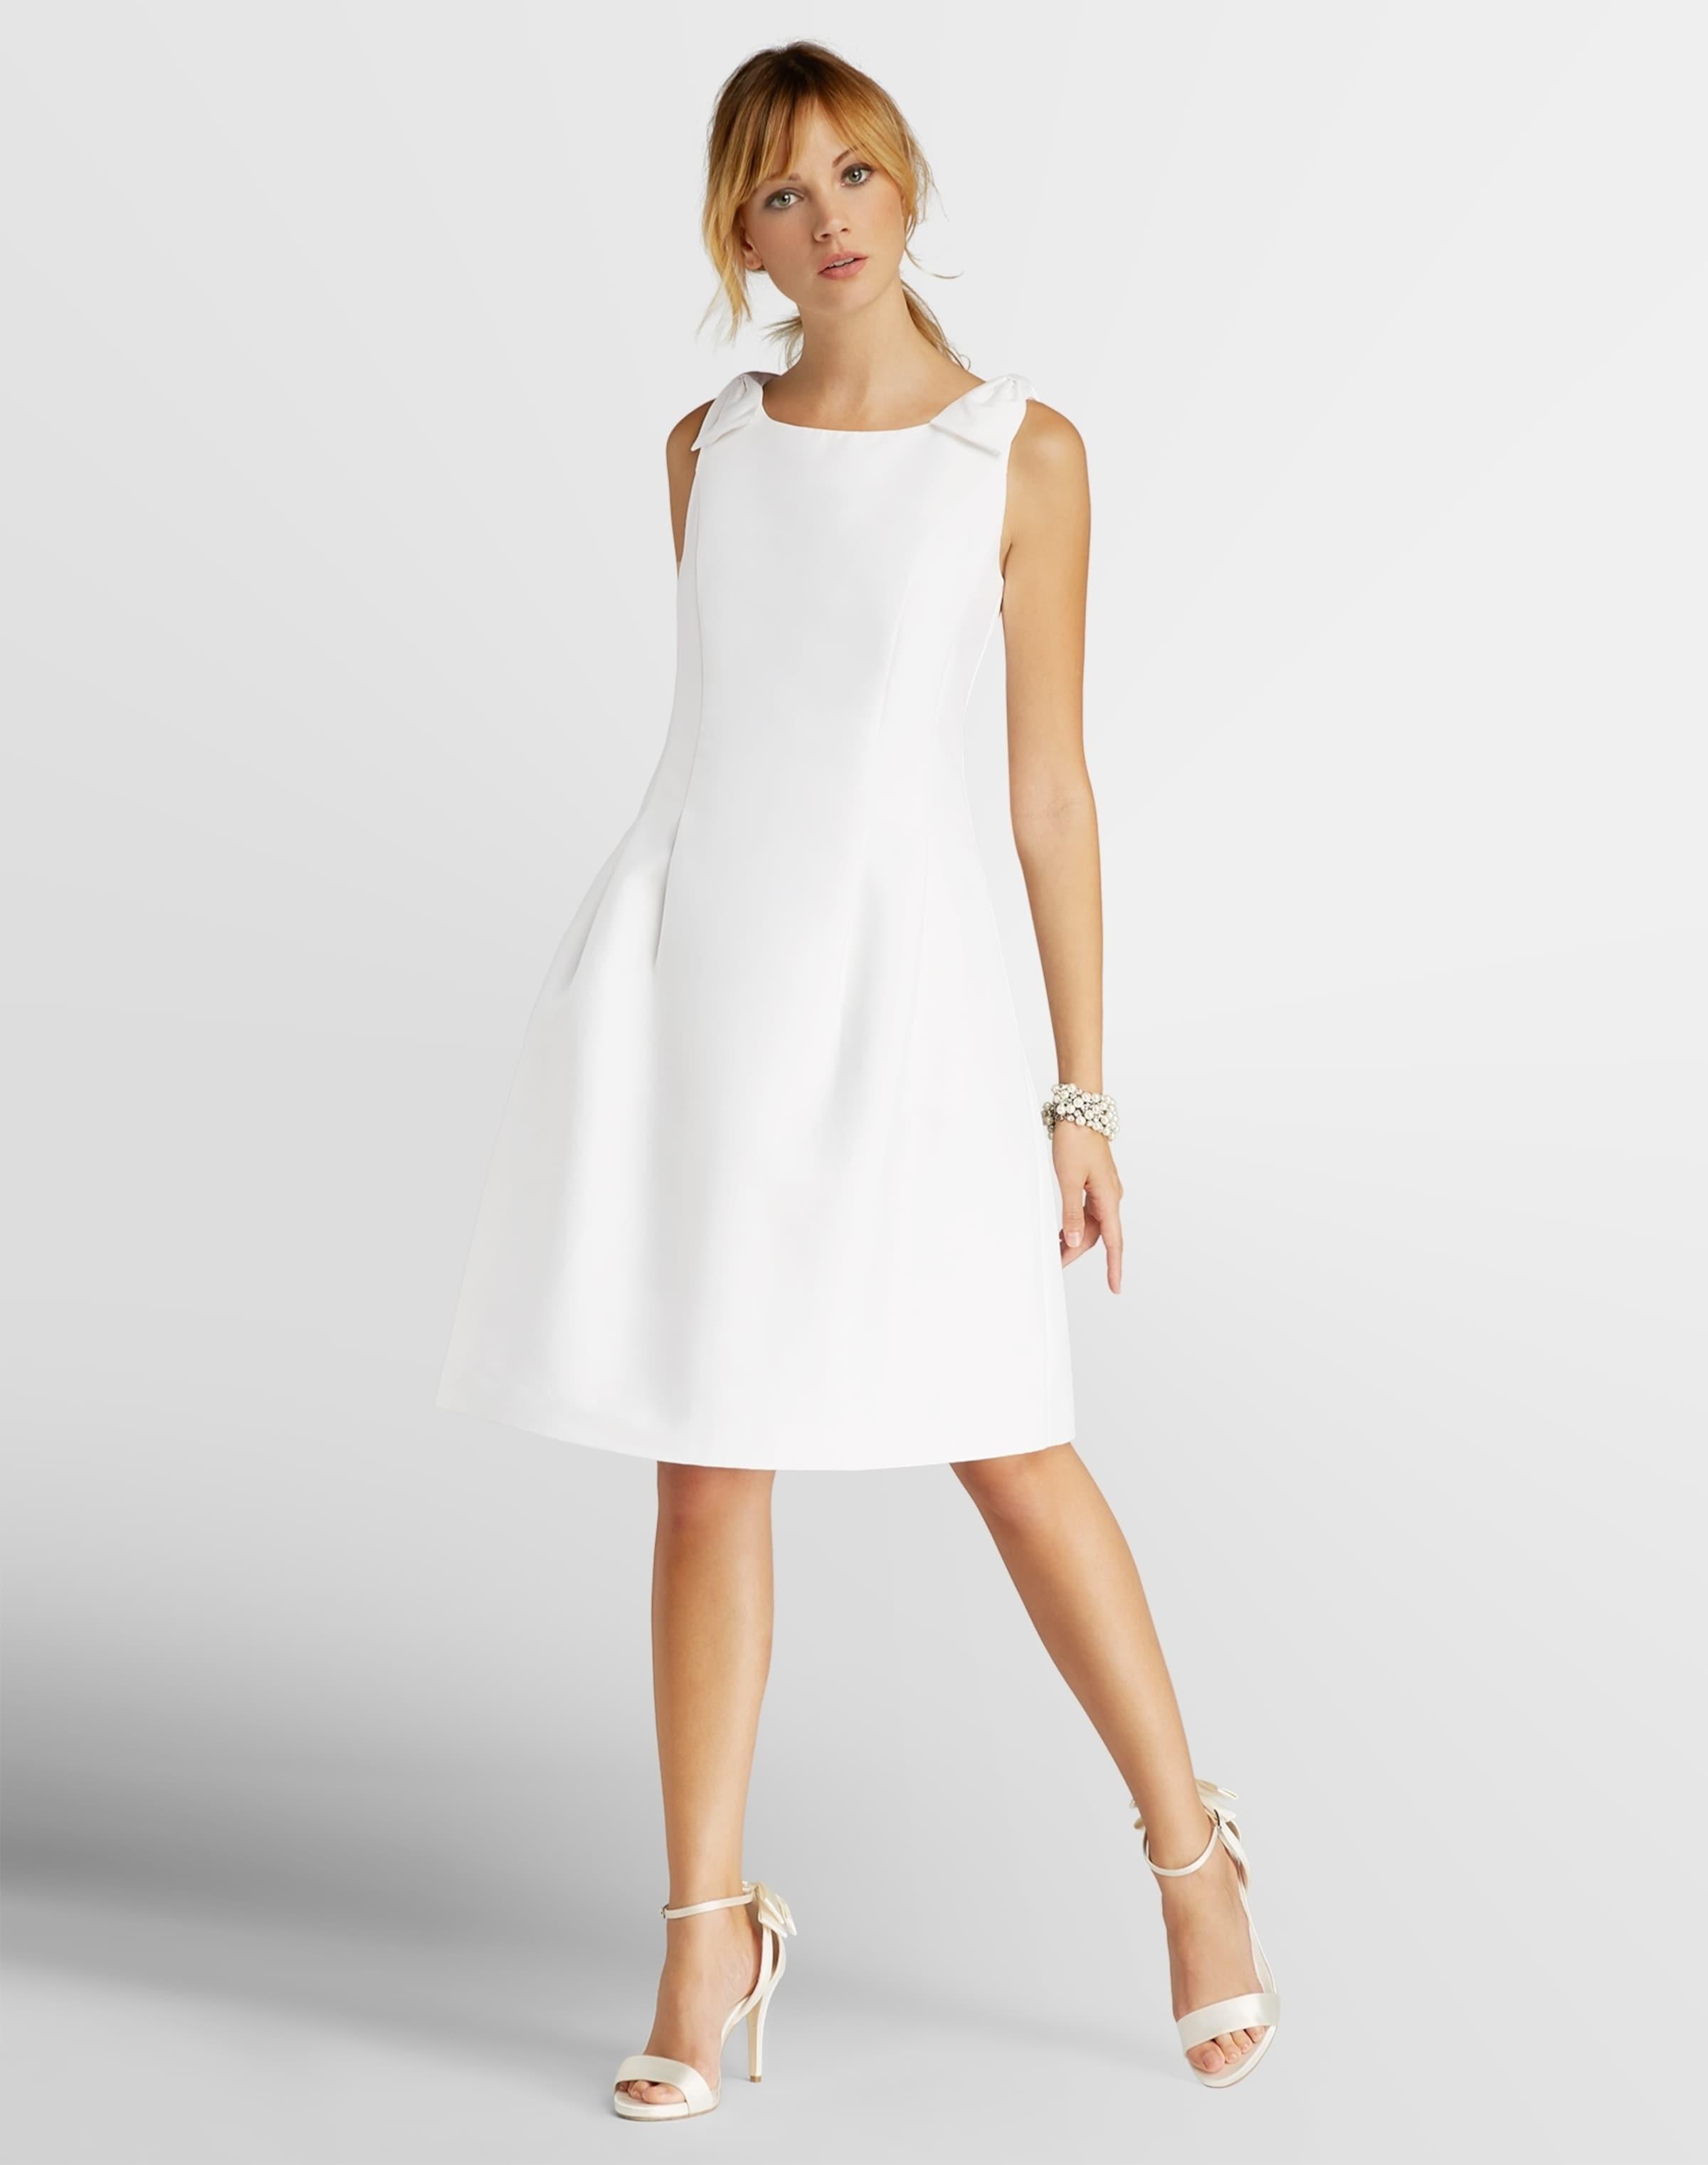 APART Kleid mit Zierschleifen an den Schultern Ausgang Wählen Eine Beste Sammlungen Günstiger Preis Steckdose Footaction JXg8lVvMFn